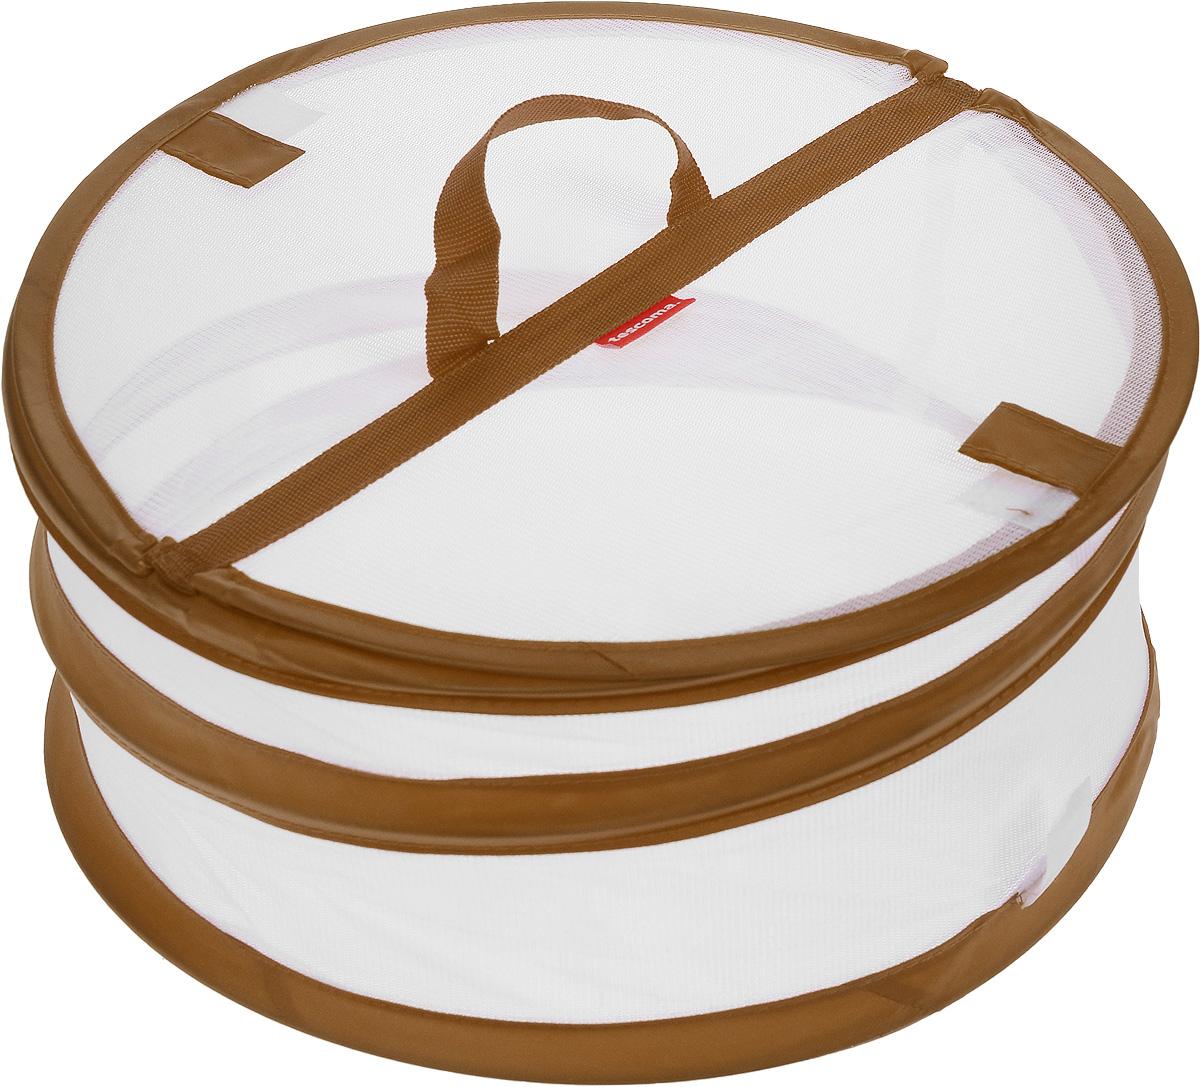 Крышка для пищевых продуктов Tescoma Delicia, складная, цвет: белый, коричневый, диаметр 30 см630850Крышка для пищевых продуктов Tescoma Delicia защитит еду от пыли и насекомых дома и на открытом воздухе. Крышка изготовлена из сетчатого текстиля и оснащена гибким металлическим каркасом. Просто составьте посуду с едой и накройте ее крышкой. Для легкого доступа изделие снабжено откидным верхом на липучке. Крышка легко складывается и раскладывается, при хранении занимает минимум пространства.Высота в разложенном виде: 15 см.Высота в сложенном виде: 1 см.